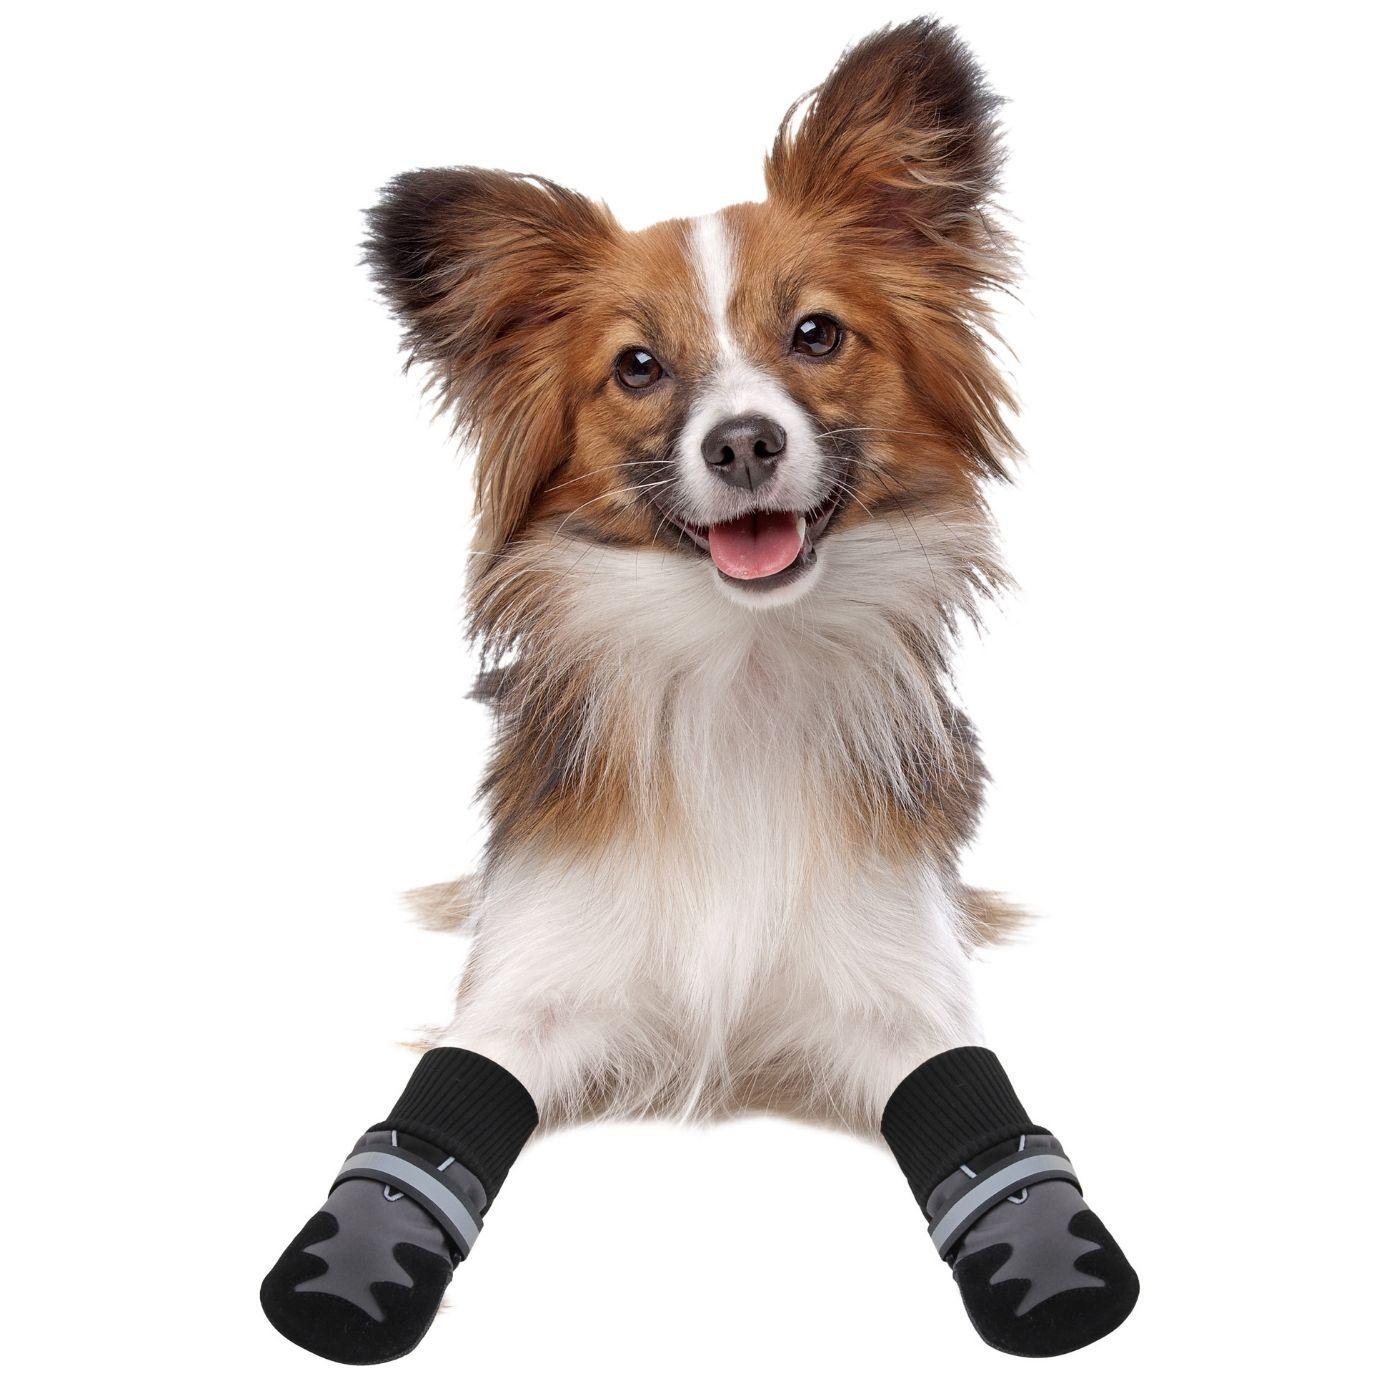 Sapato Ajustável para Cachorro G Pawise contém 1 par